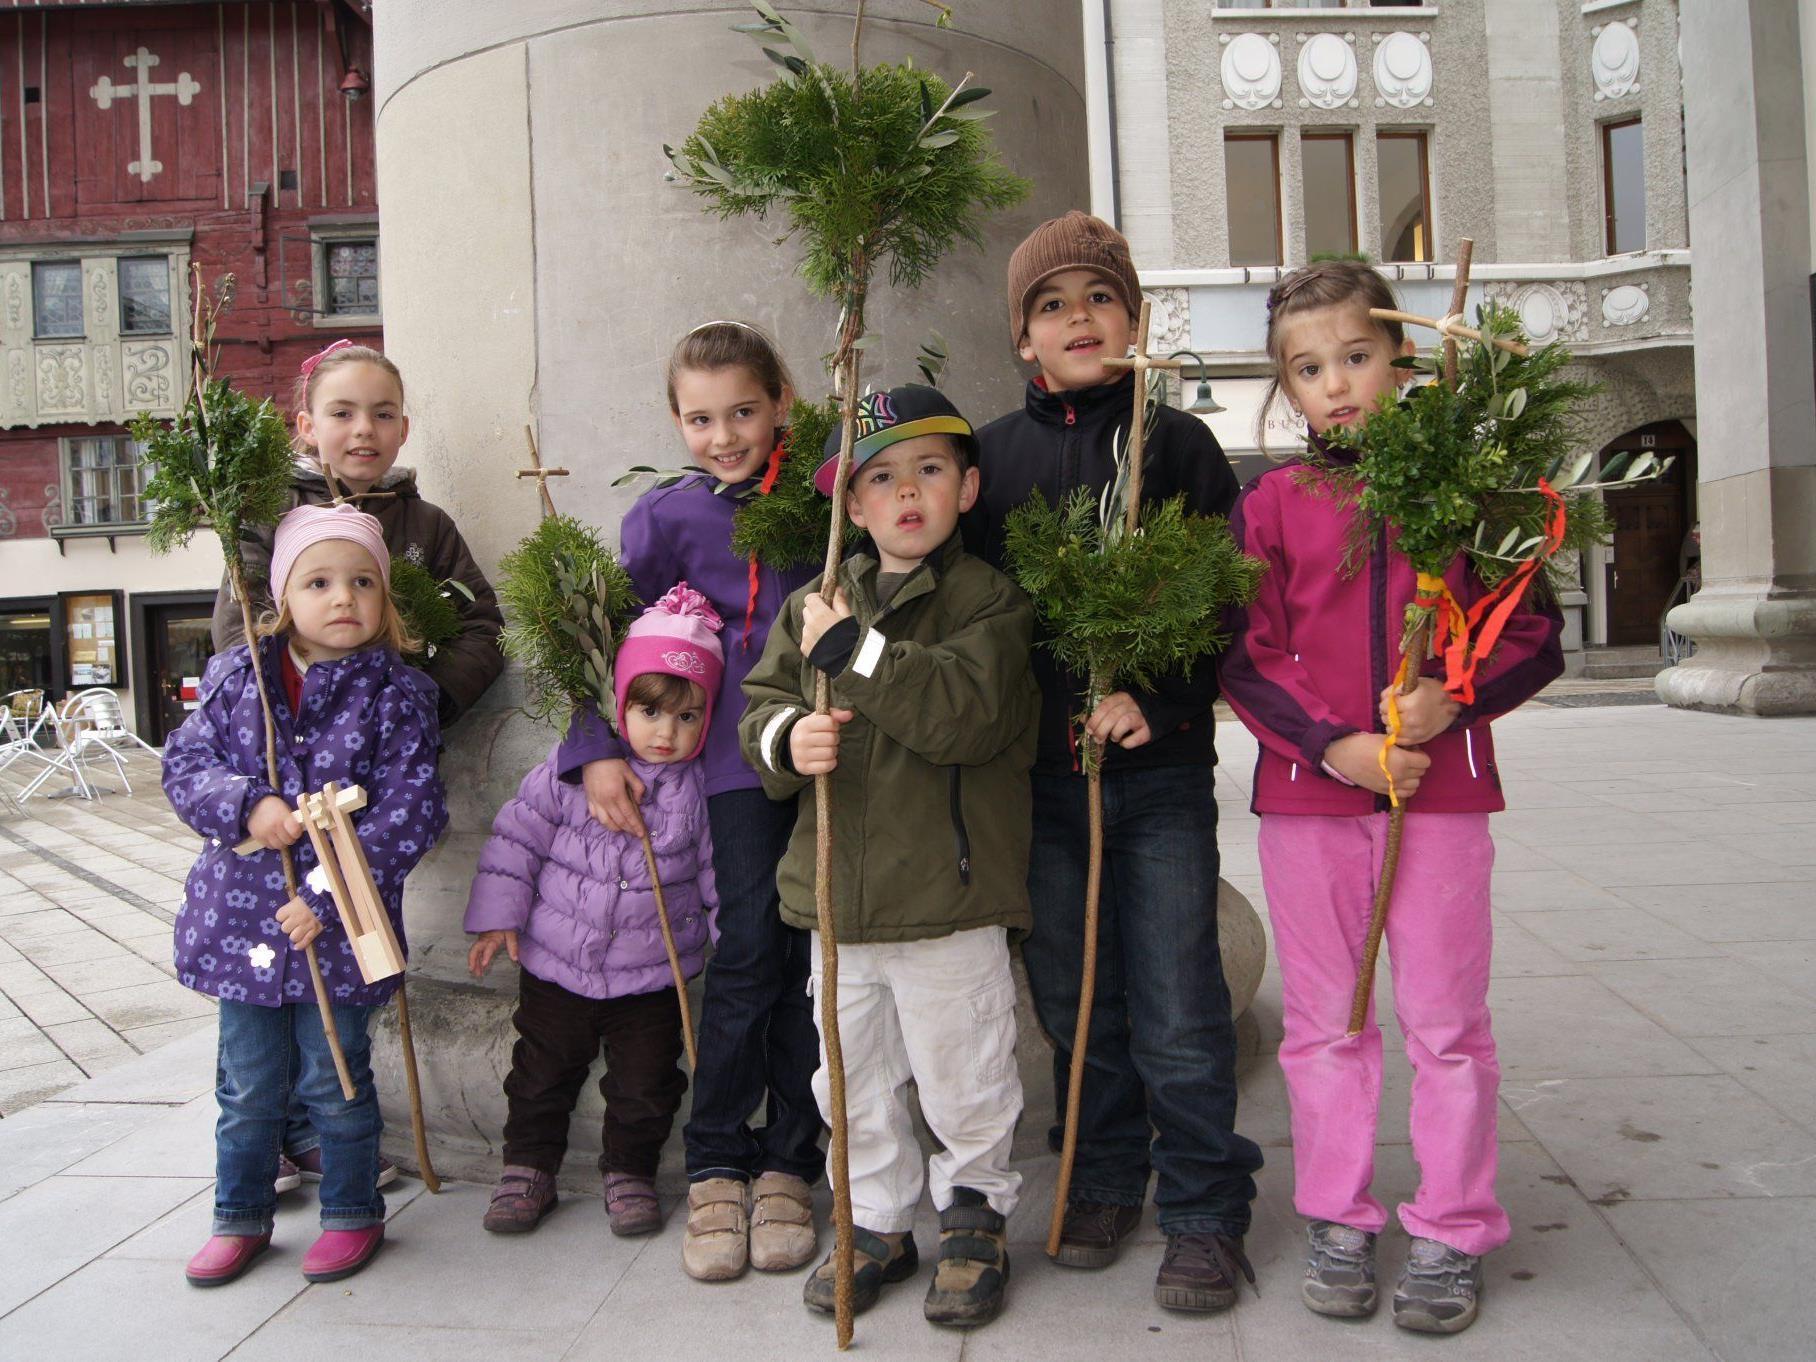 Stolz zeigen die Kinder die Palmbuschen vor der Martinskirche.